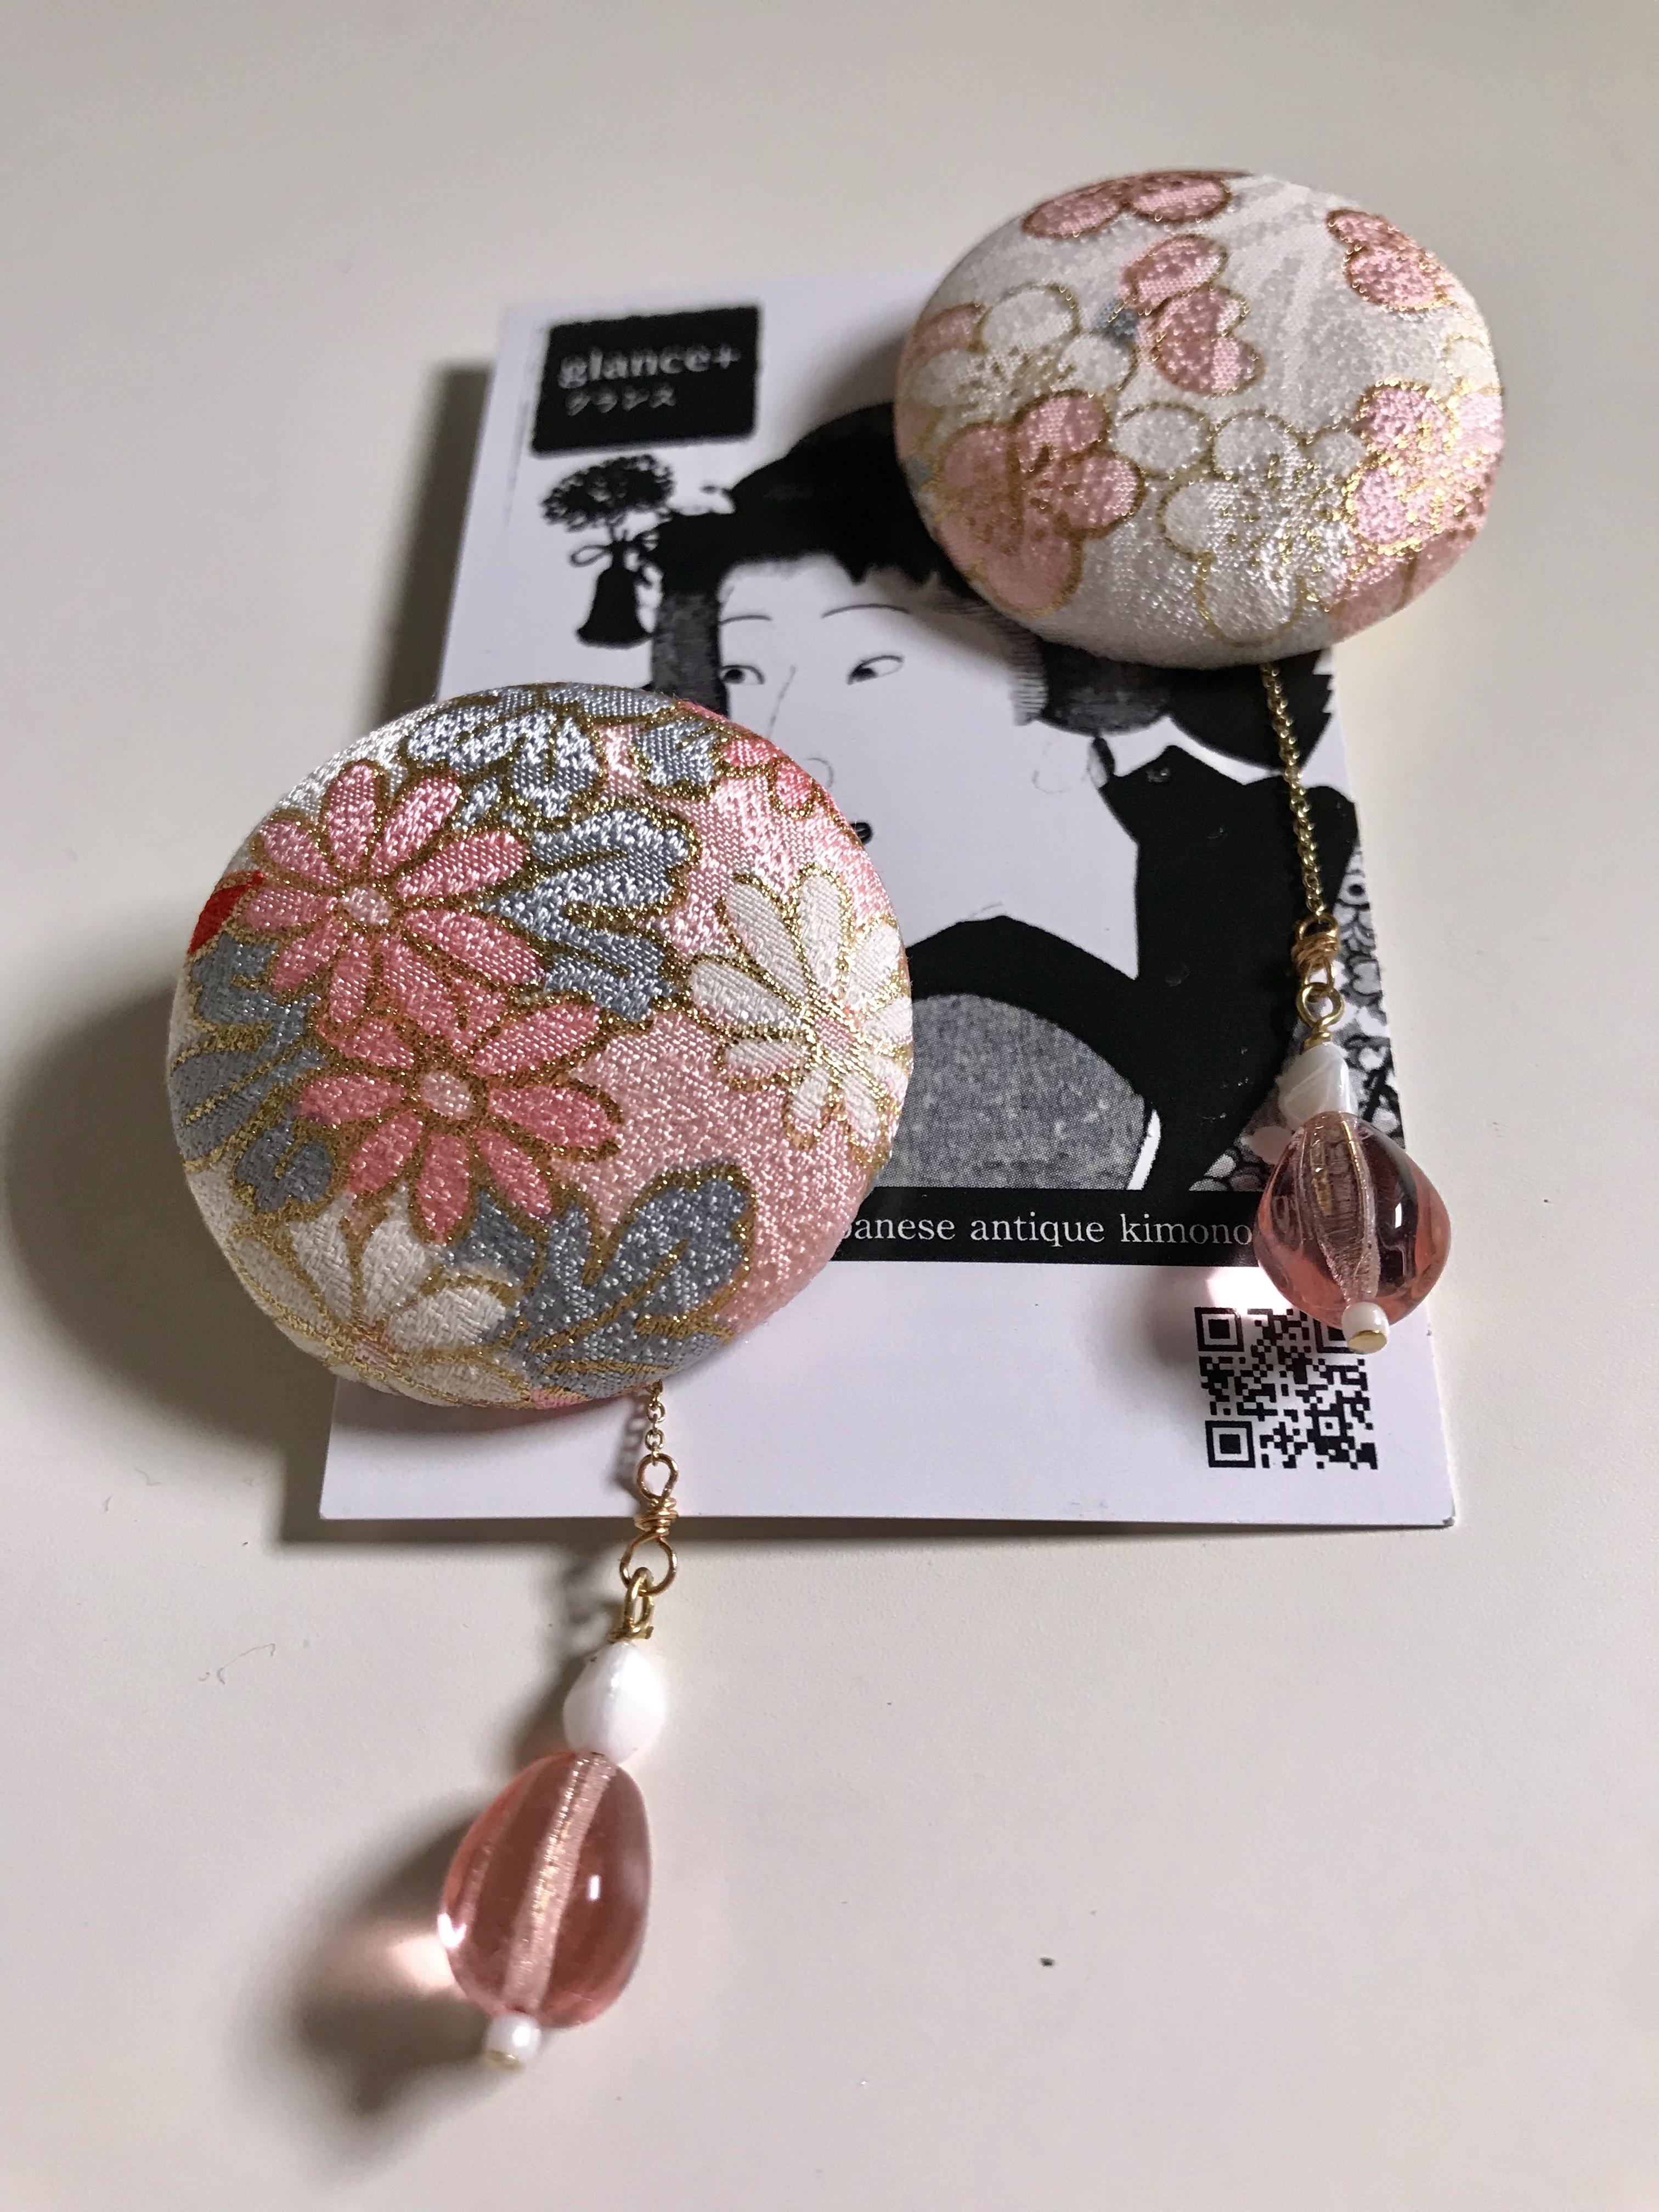 glance + 着物ピアス(アンティーク女児着物・小花/ピンク)−8